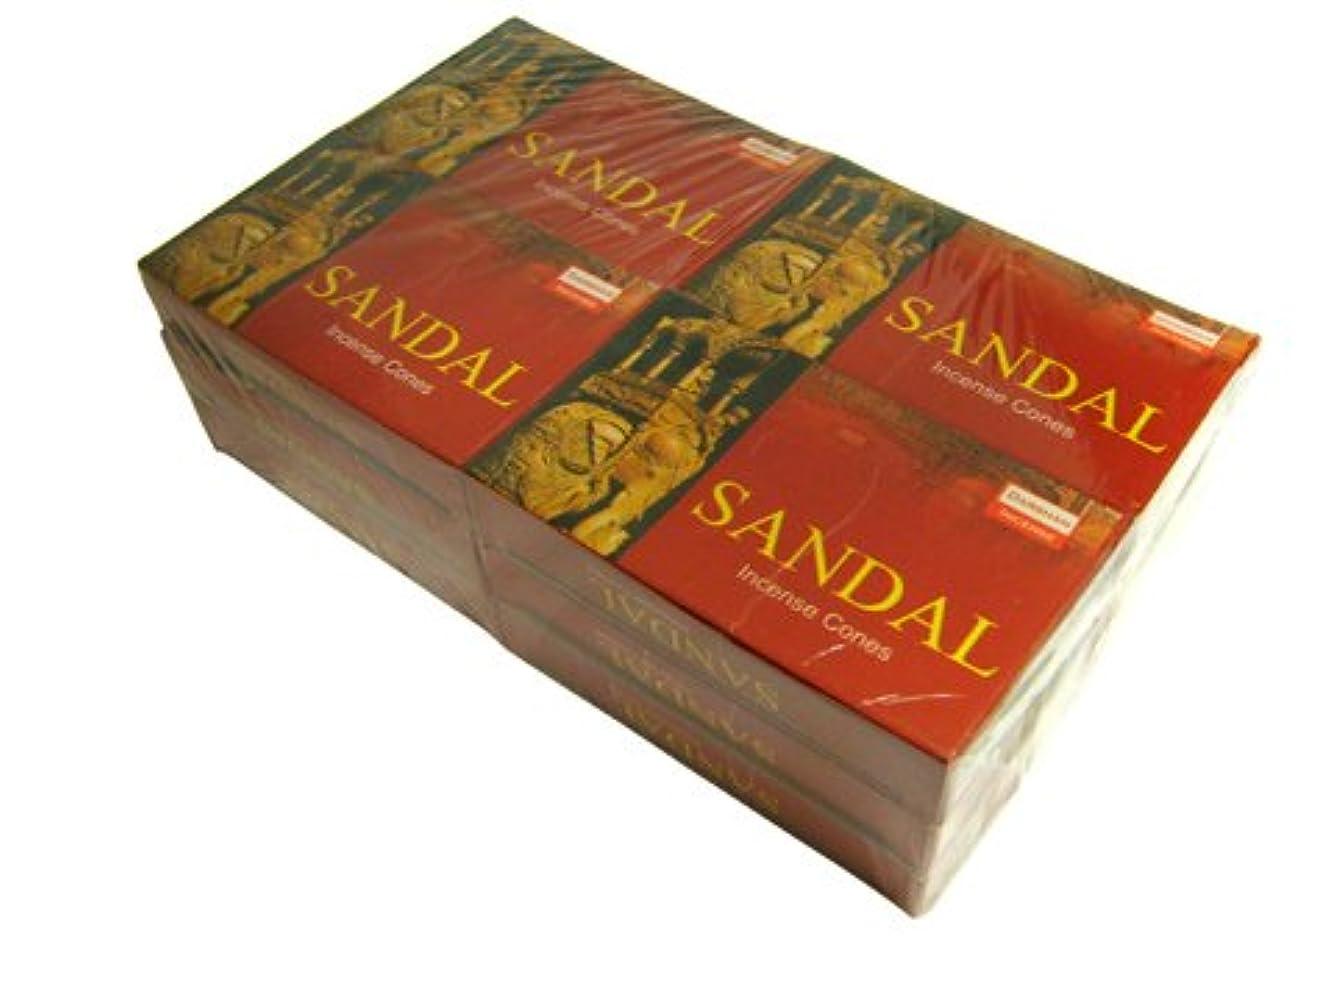 忌み嫌う検出するオプションDARSHAN(ダルシャン) サンダル香 コーンタイプ SANDAL CORN 12箱セット